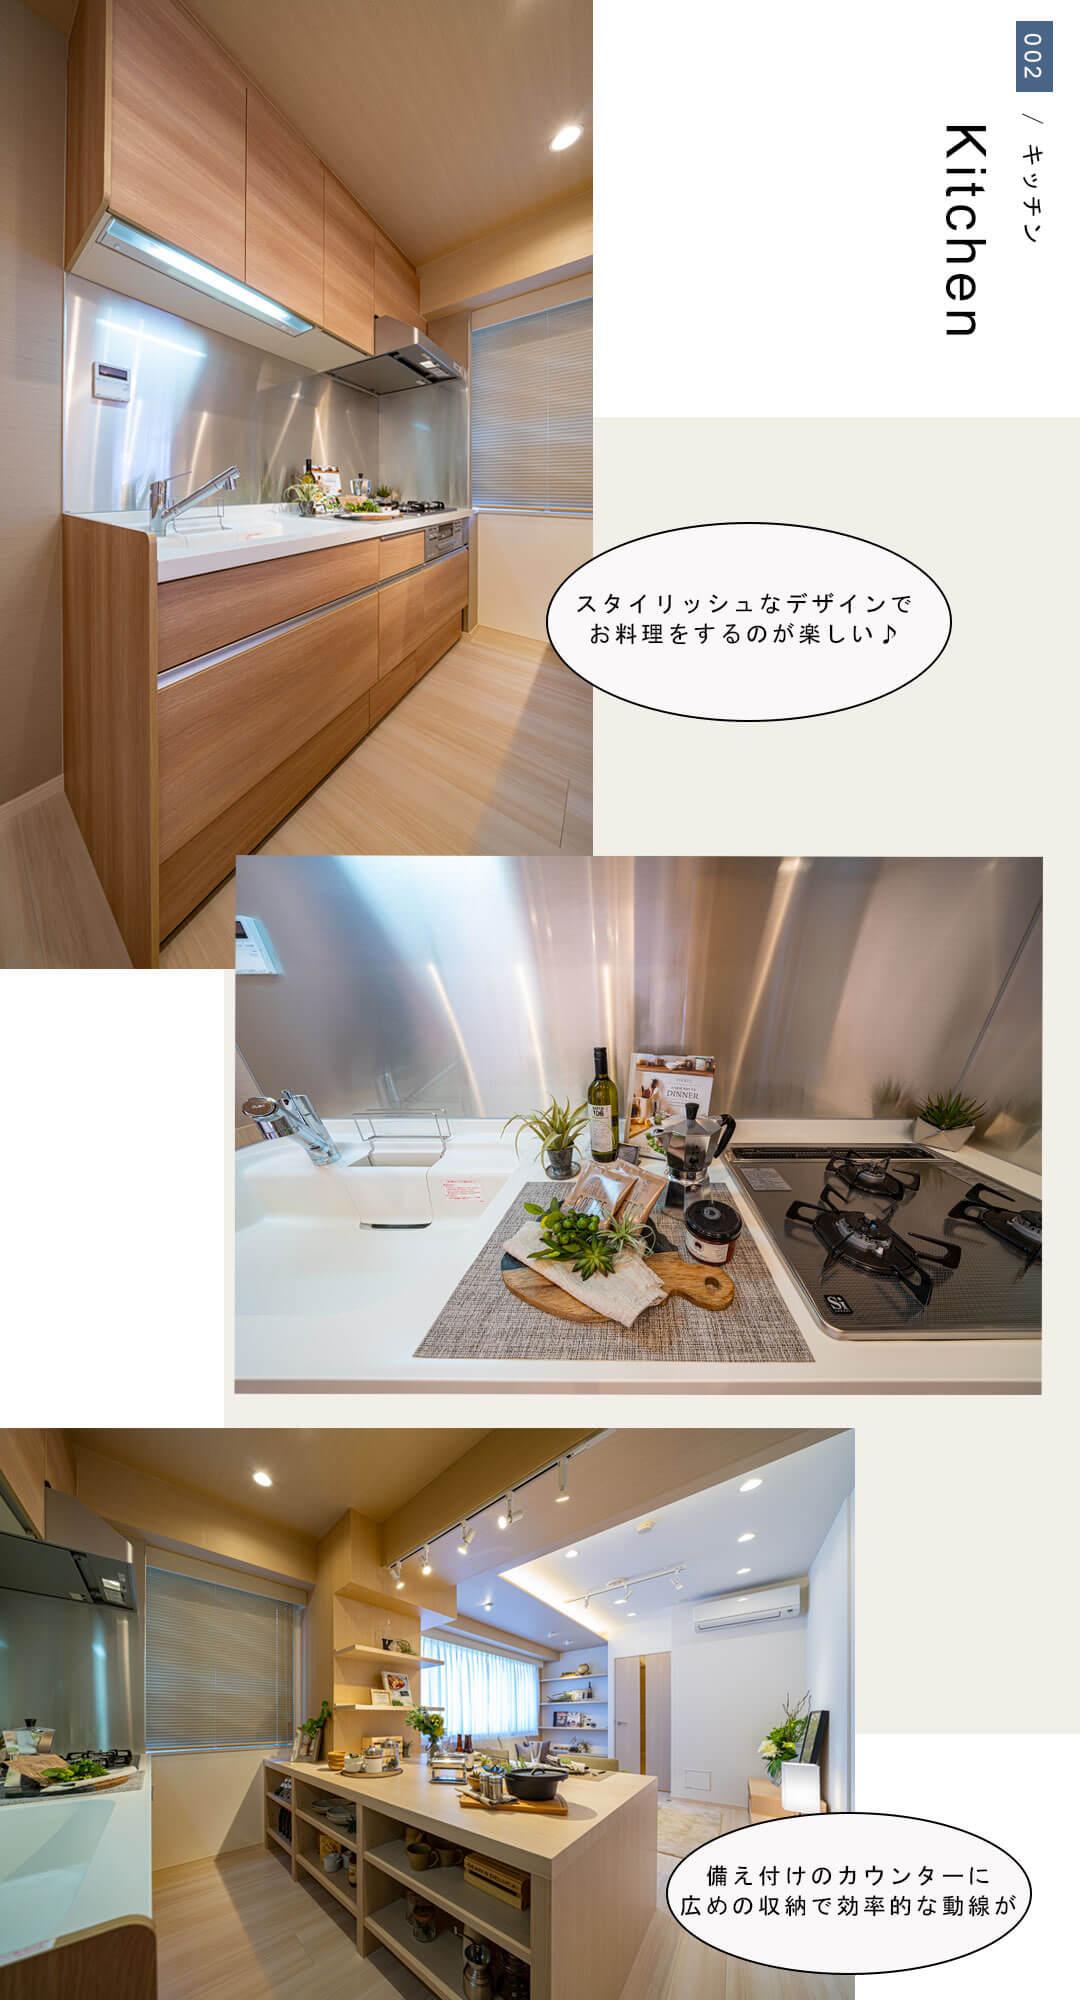 サンティーエ三筋のキッチン